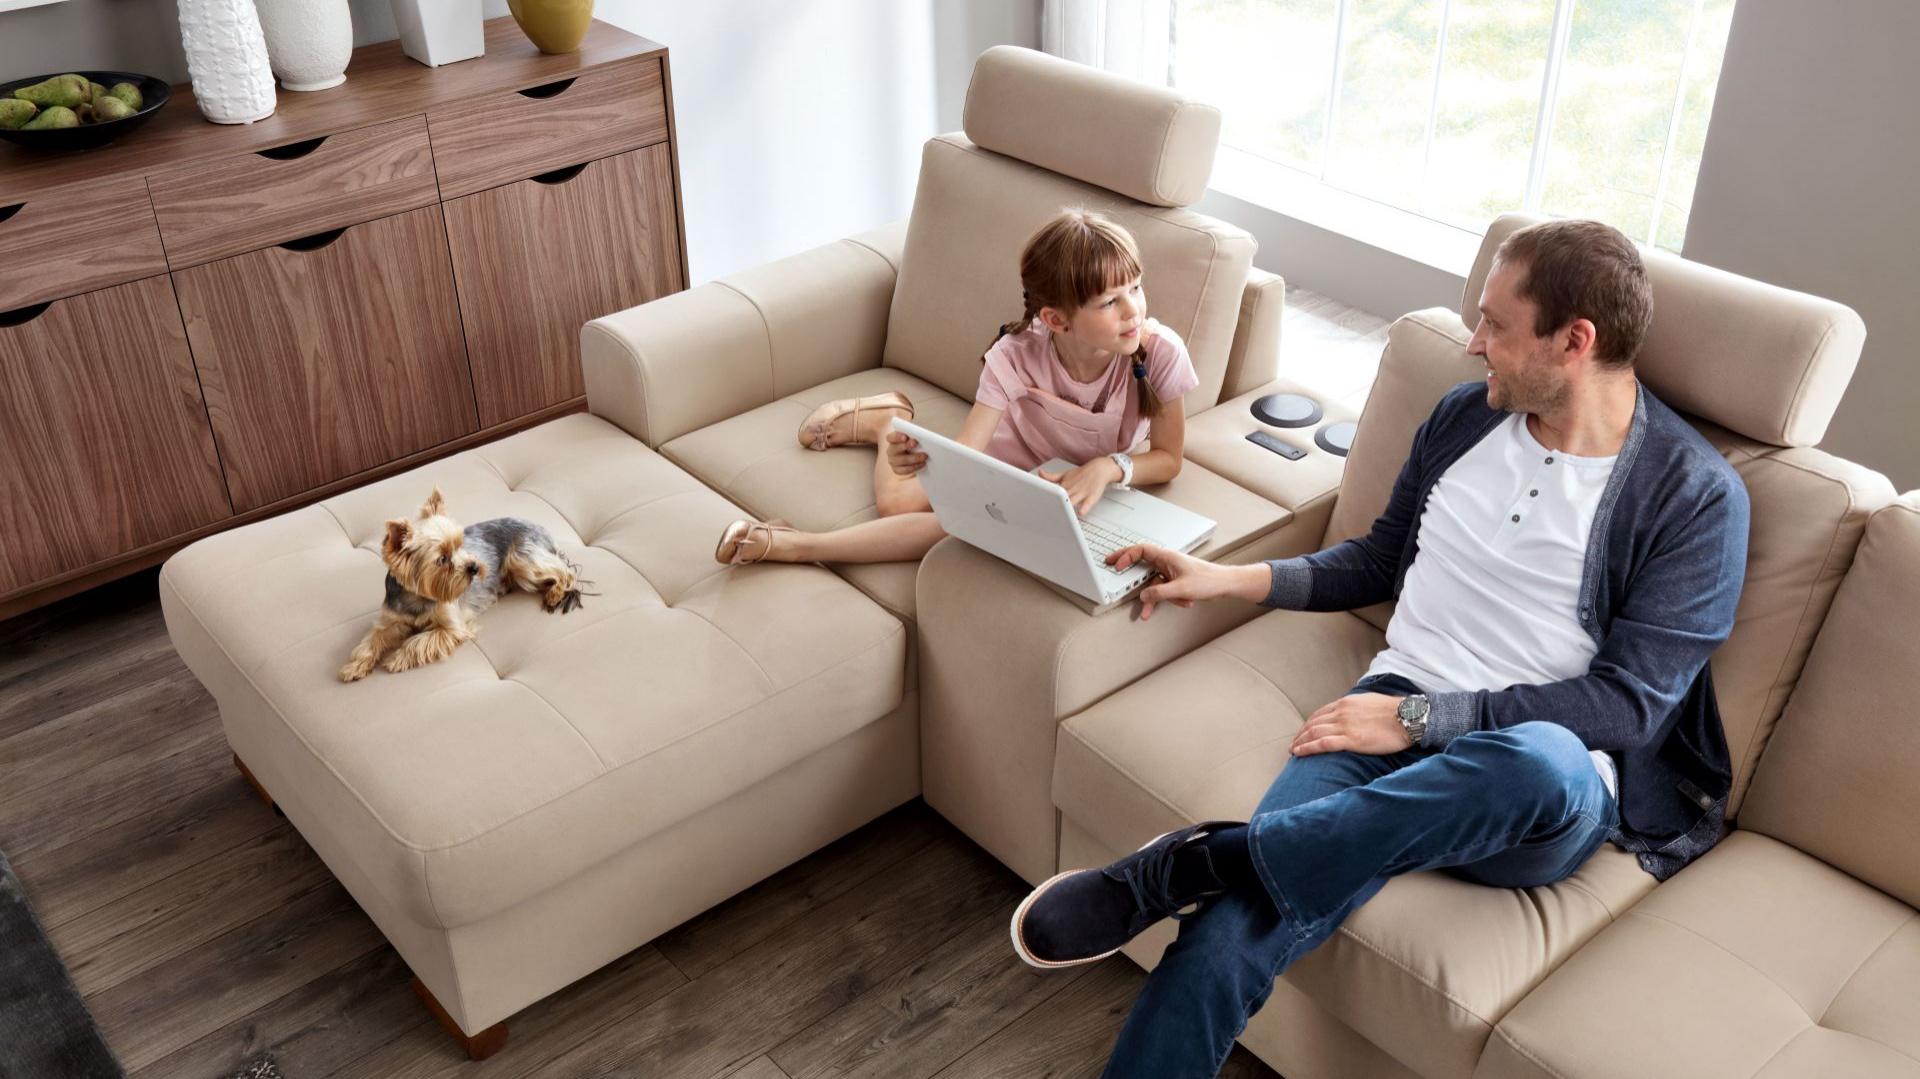 Modułowa sofa Taboo. Wygodne zagłówki zapewniają spokojny wypoczynek. Fot. Wajnert Meble